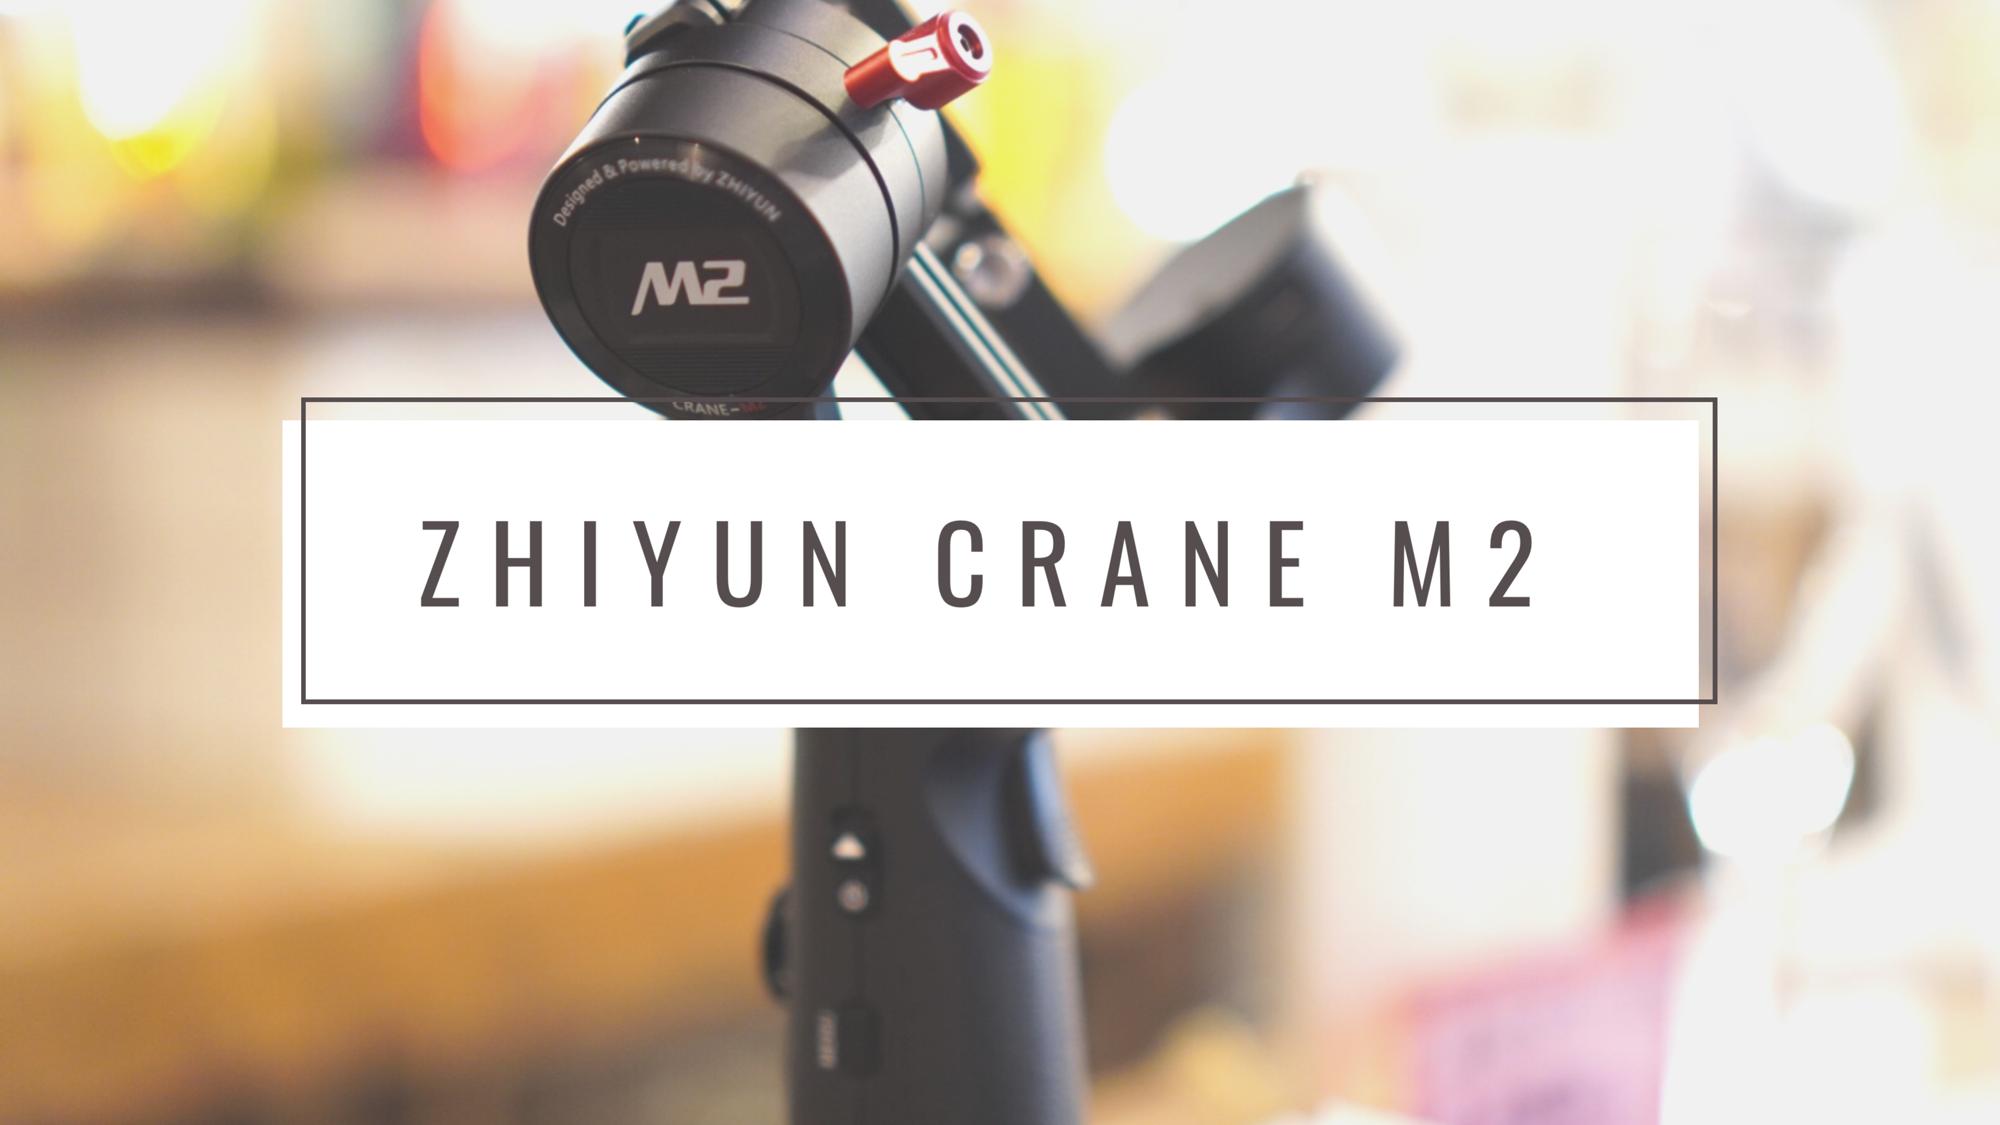 初めてのジンバル!ZHIYUN CRANE M2を発売前に最安値でゲット!